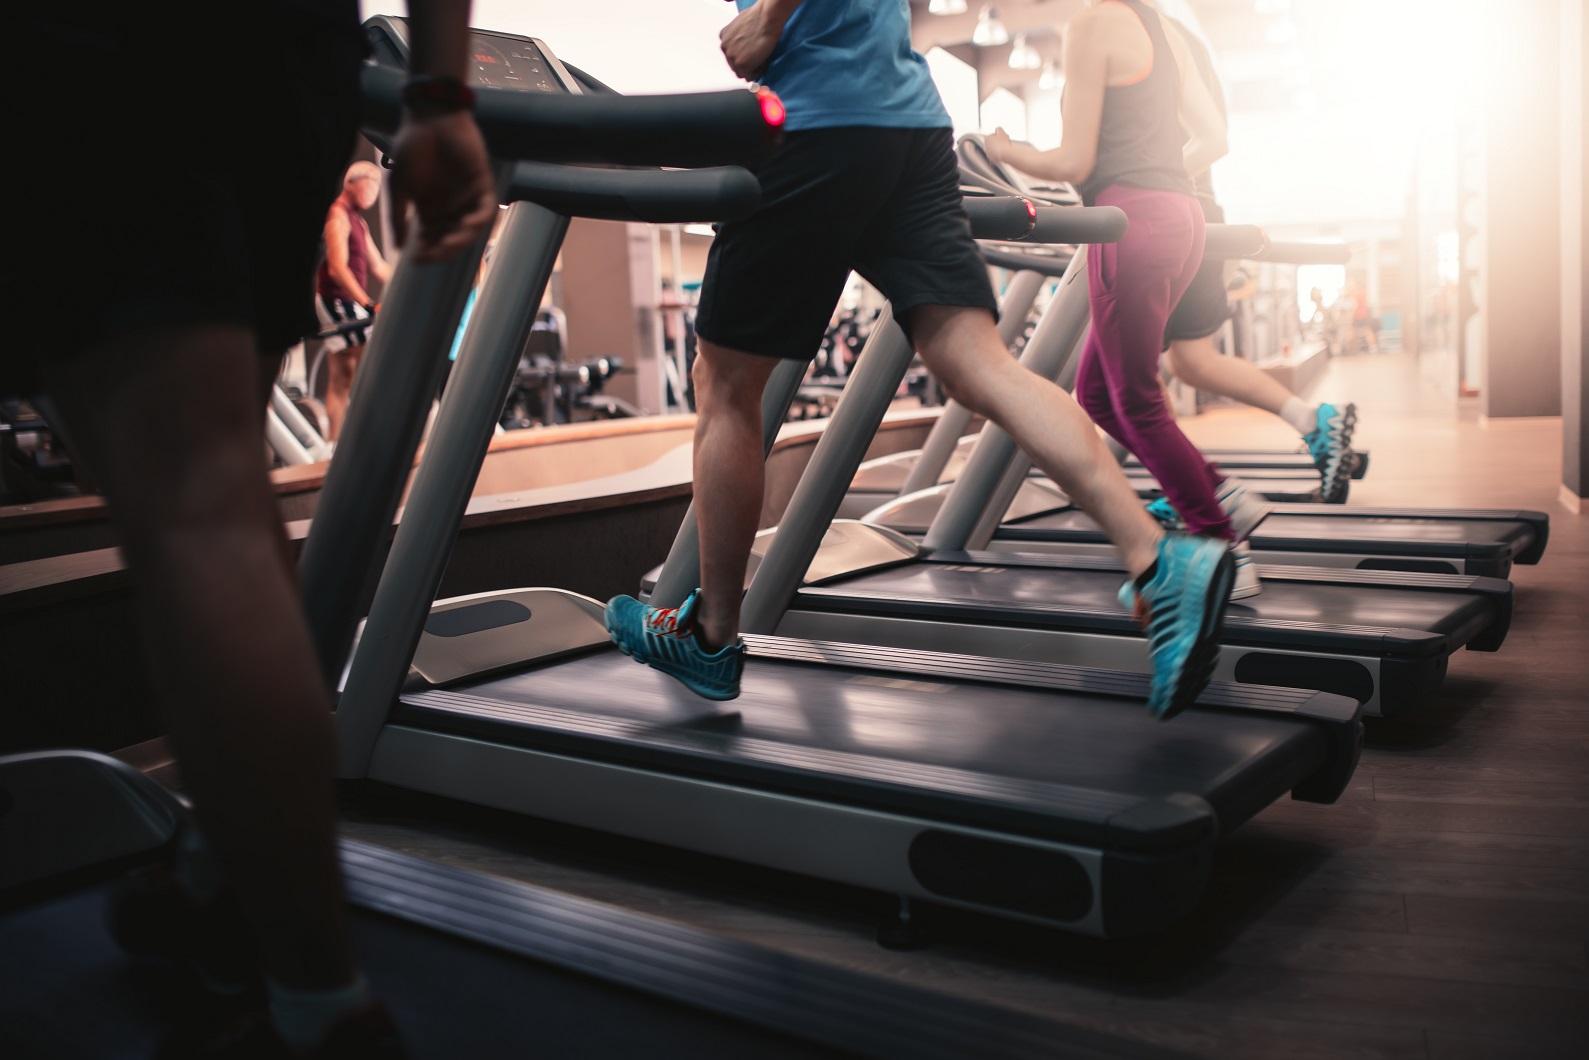 Diferença no tamanho das pernas e corrida: entenda a relação